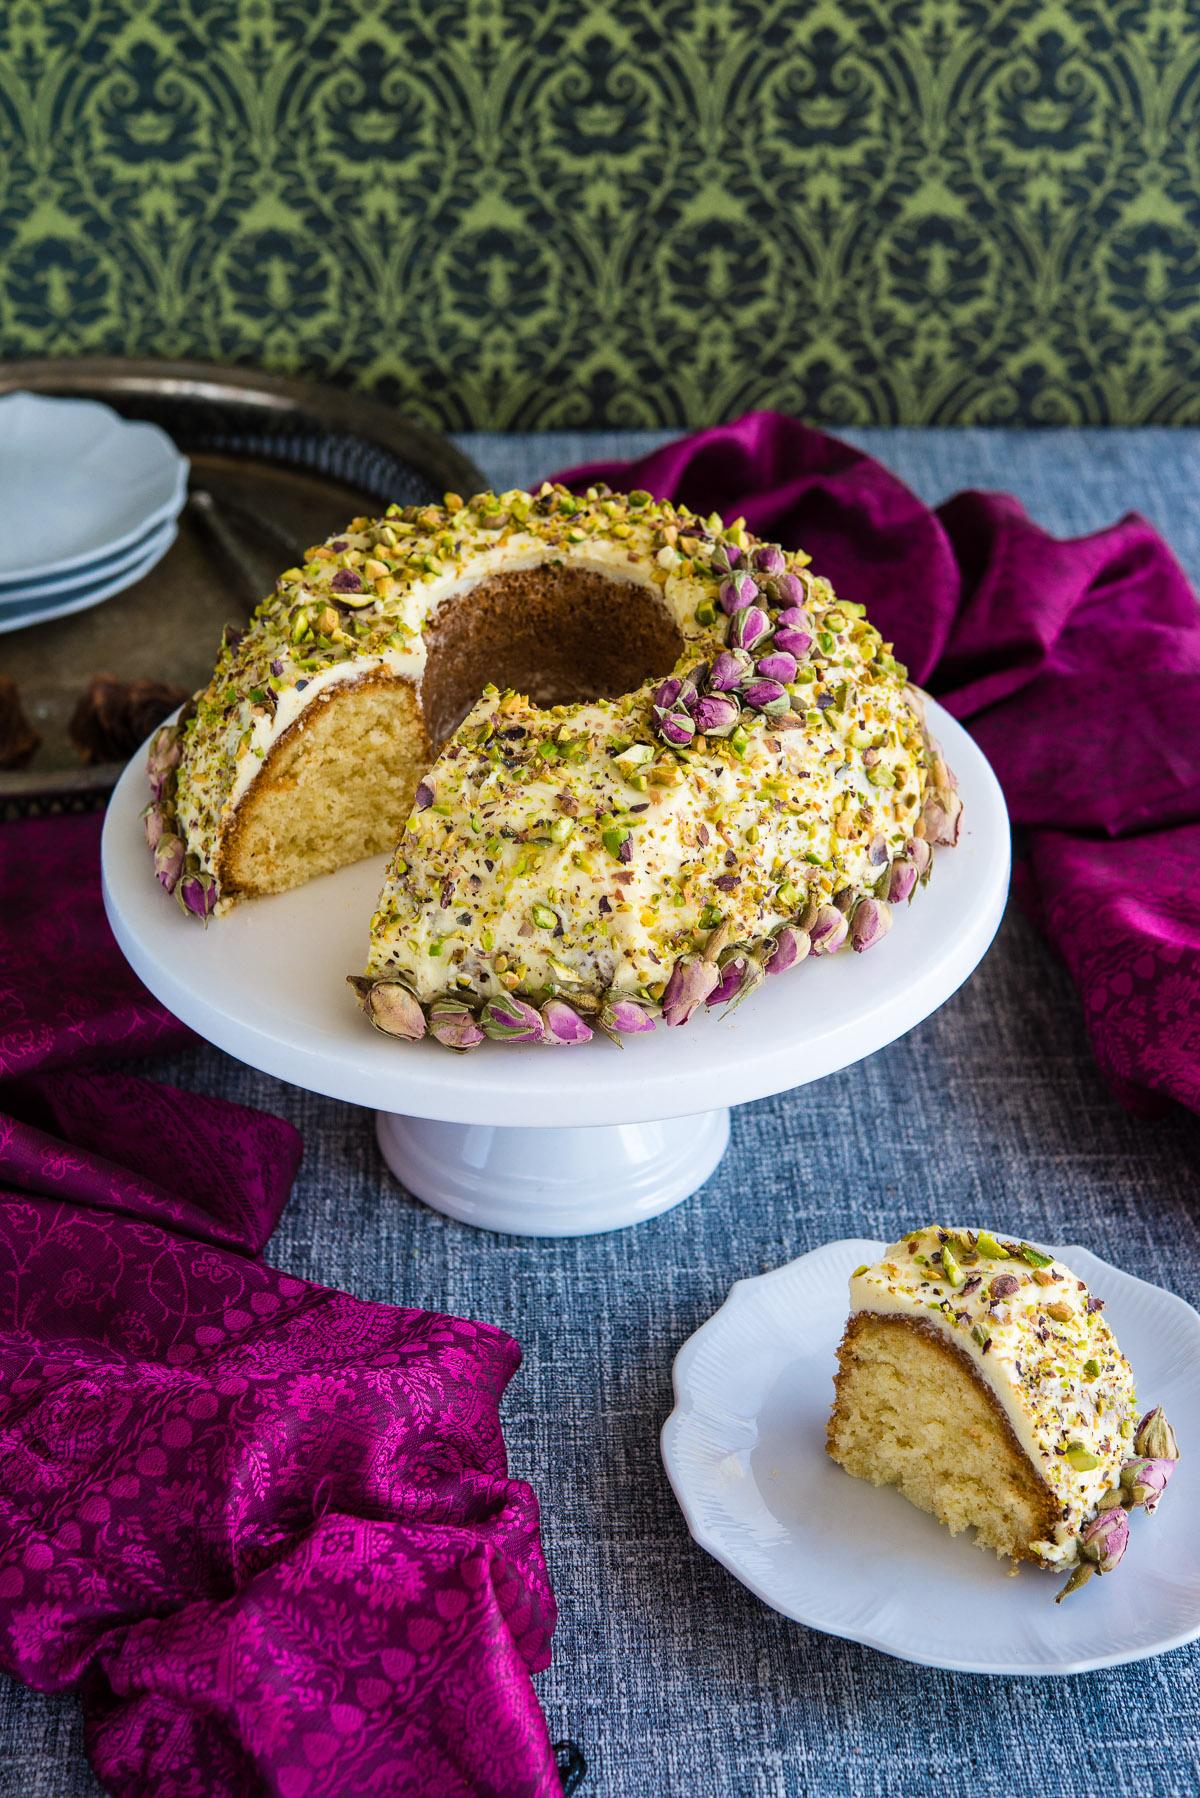 Pistachio-cardamom-caramel cake recipe